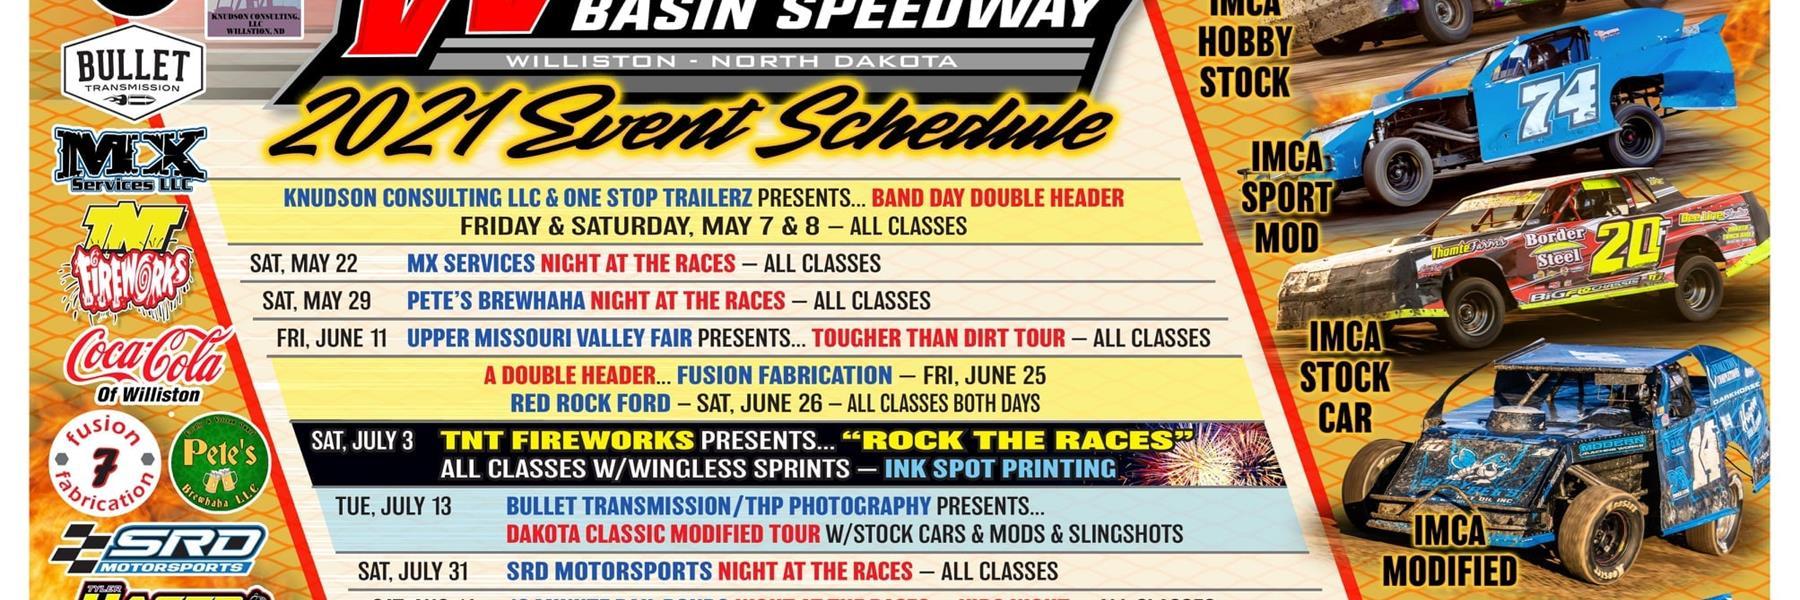 Williston Basin Speedway